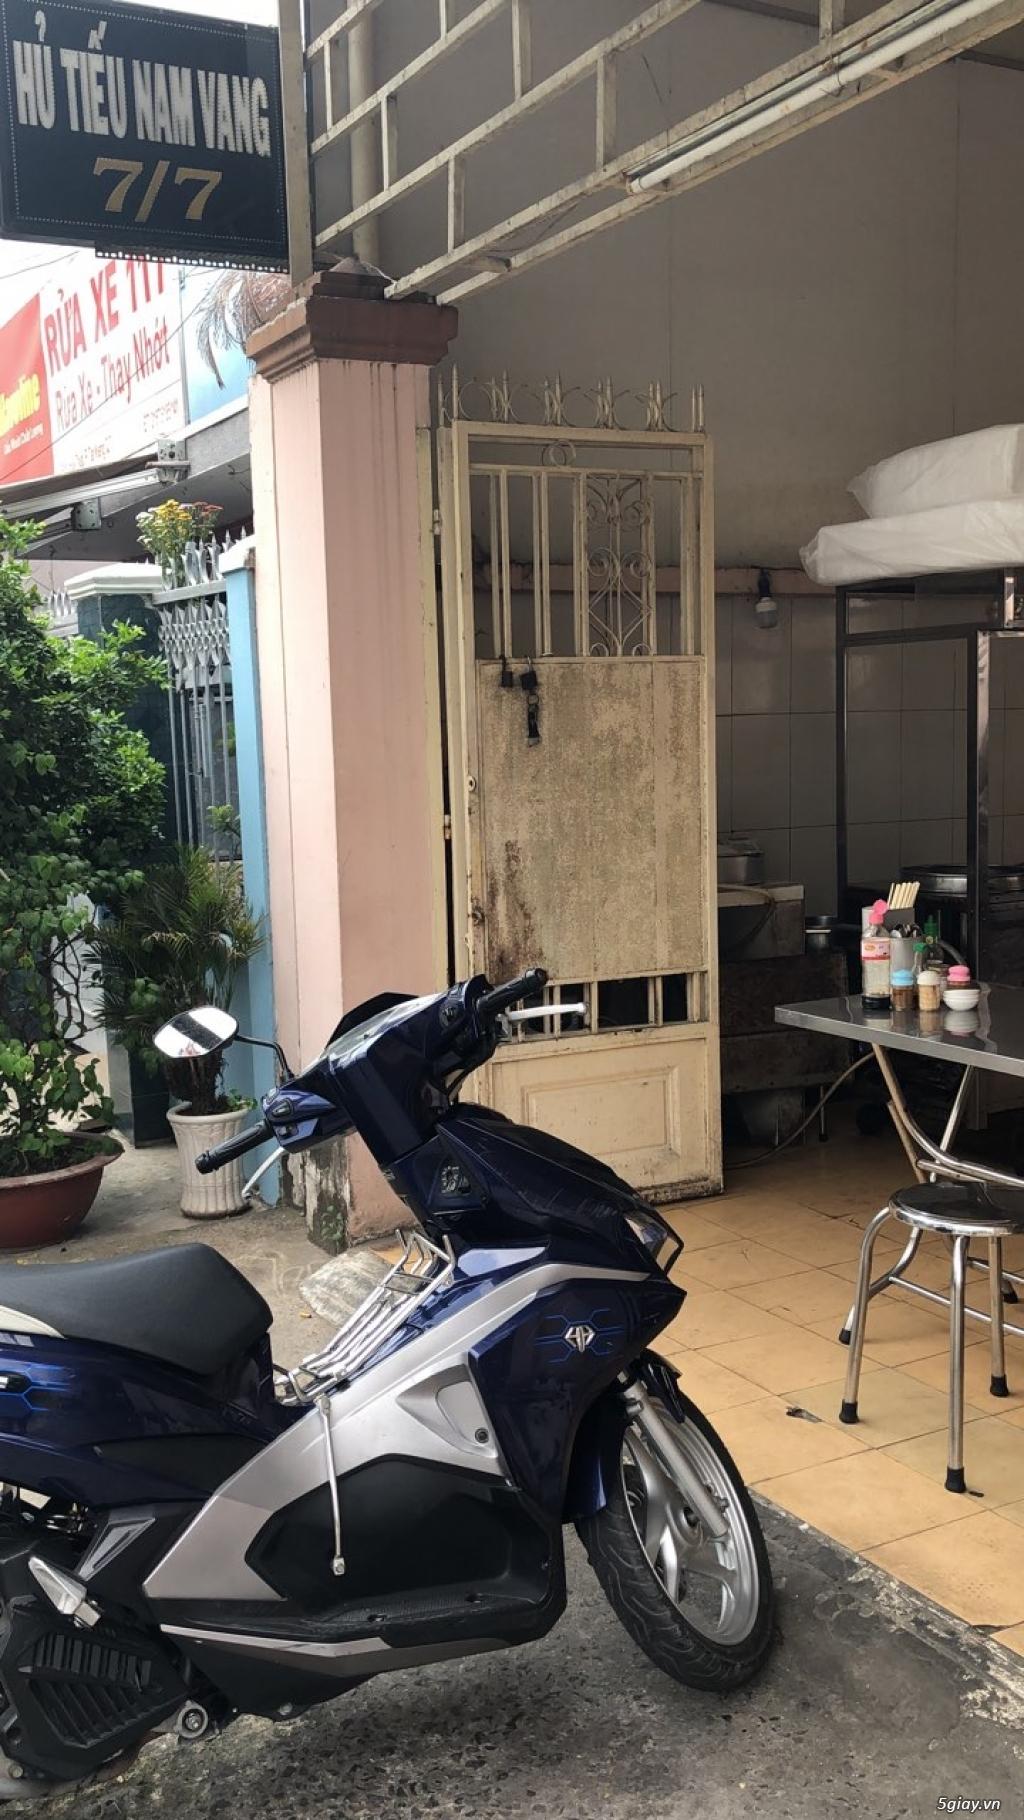 Bán nhà mặt tiền đường Phan Huy Thực, Phường Tân Kiểng, Quận 7 - 2